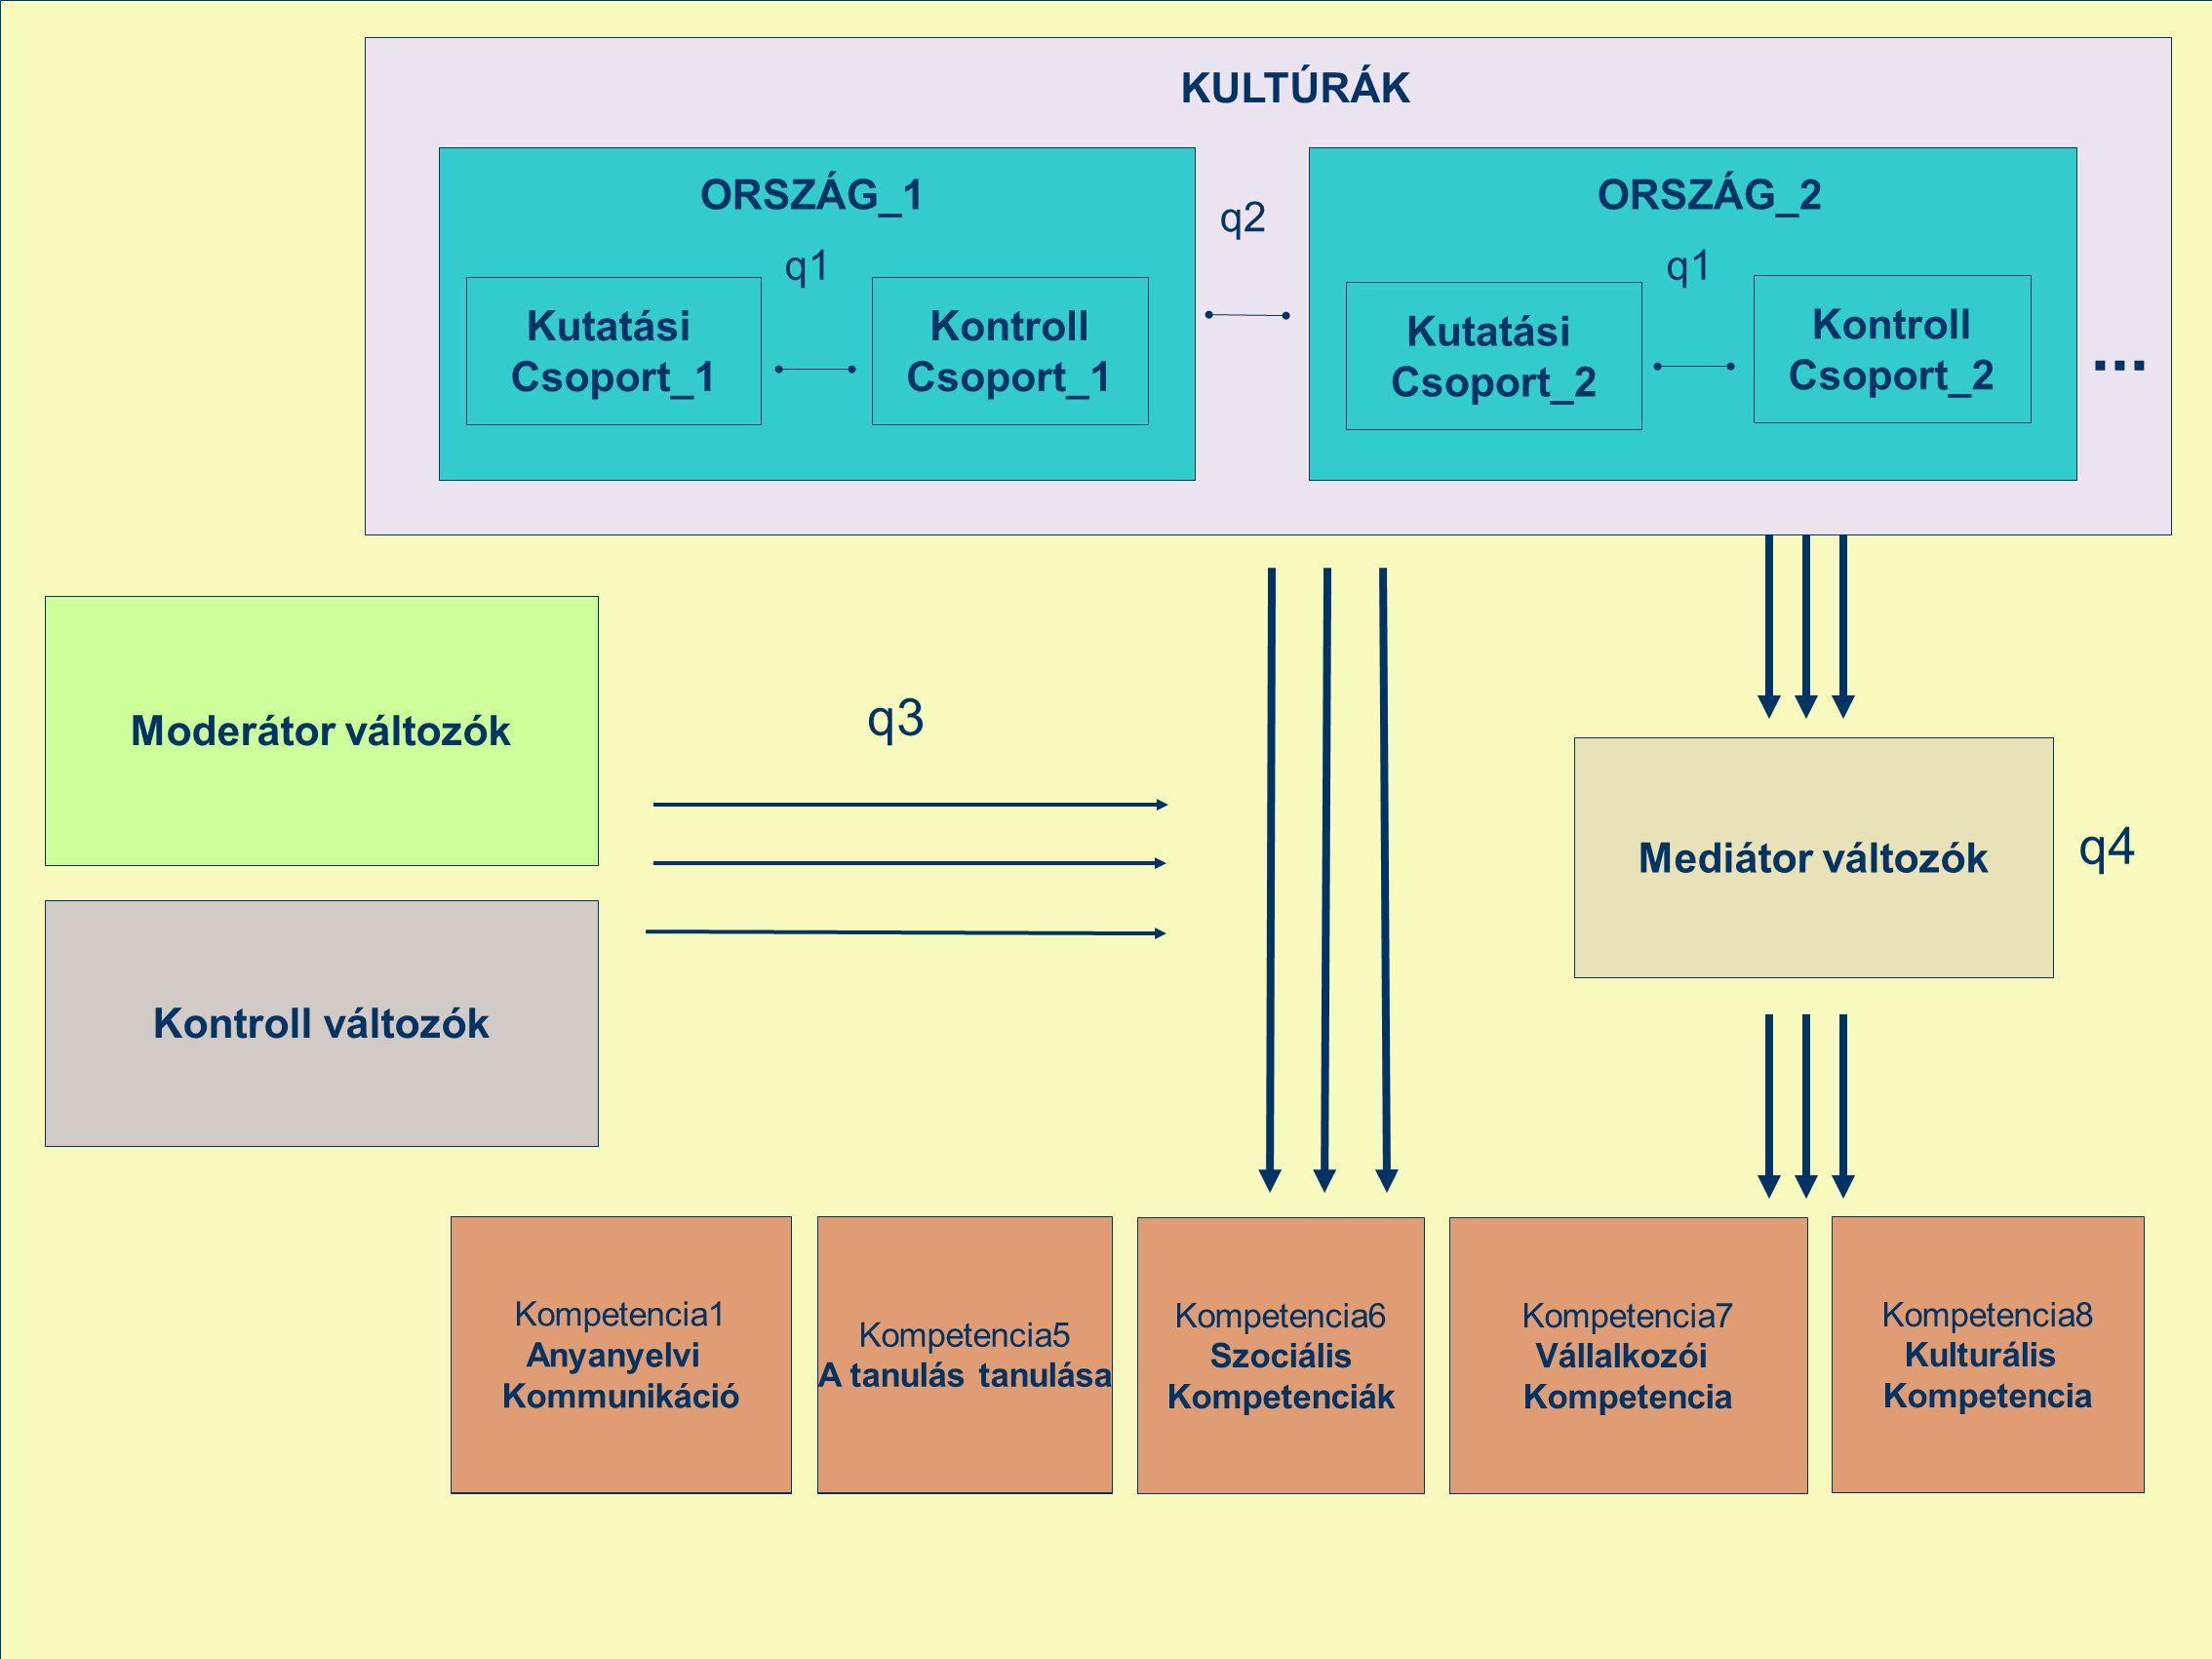 Mediátor változók... Kontroll Csoport_1 KULTÚRÁK q1 q2 Kompetencia1 Anyanyelvi Kommunikáció Kompetencia5 A tanulás tanulása Kompetencia6 Szociális Kom